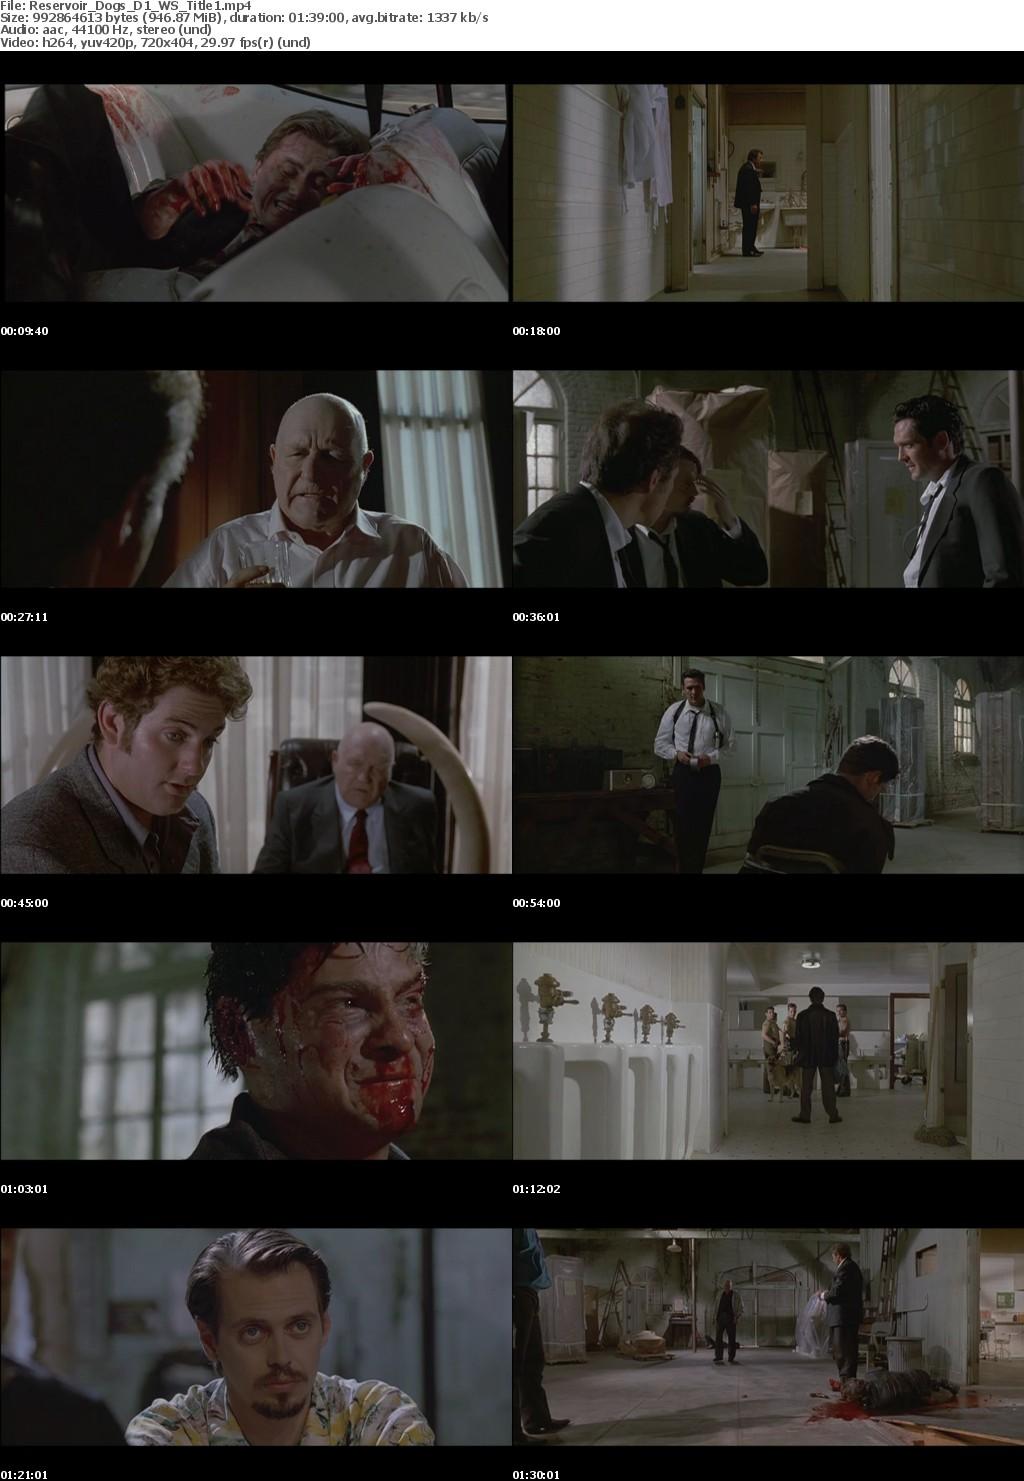 Reservoir Dogs (1992)Mp-4 X264 Dvd-Rip 480p AACDSD